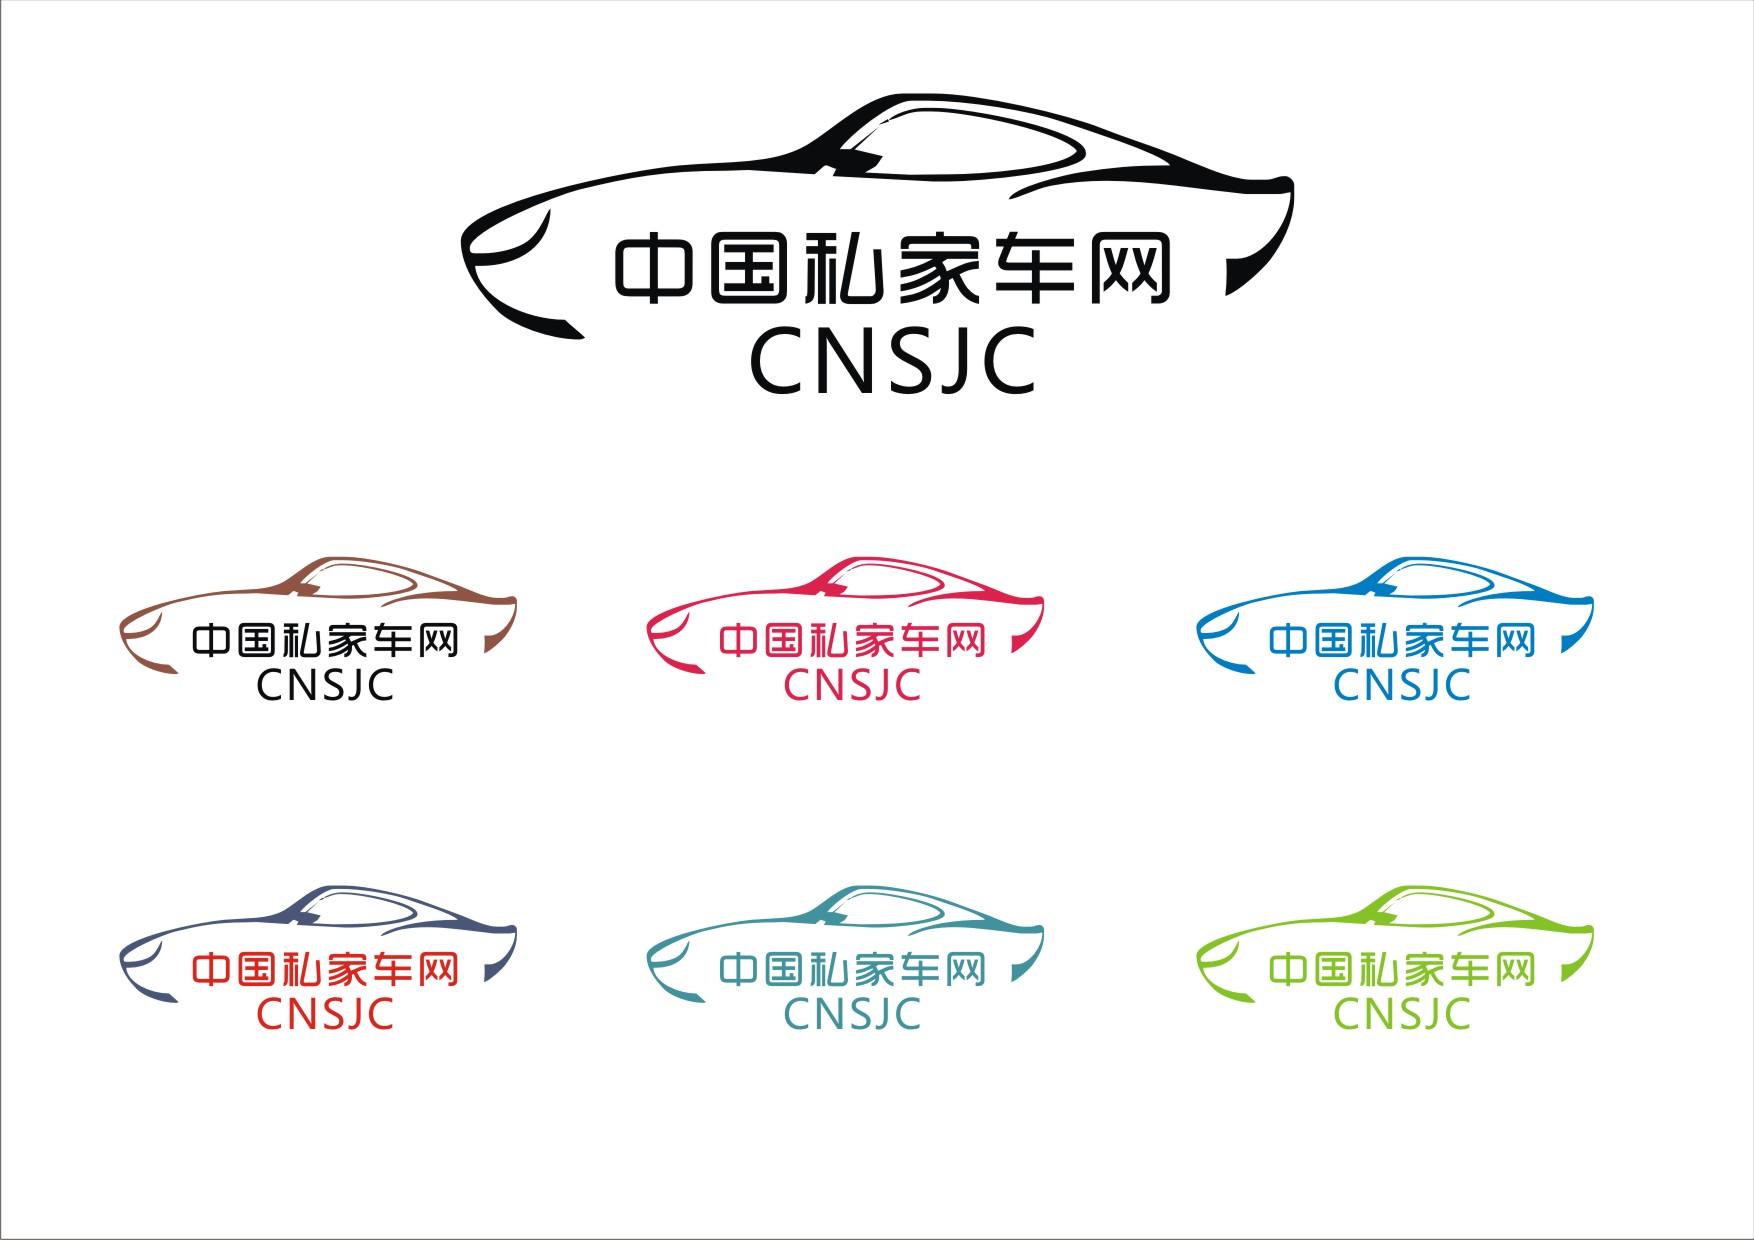 汽车服务网站logo设计